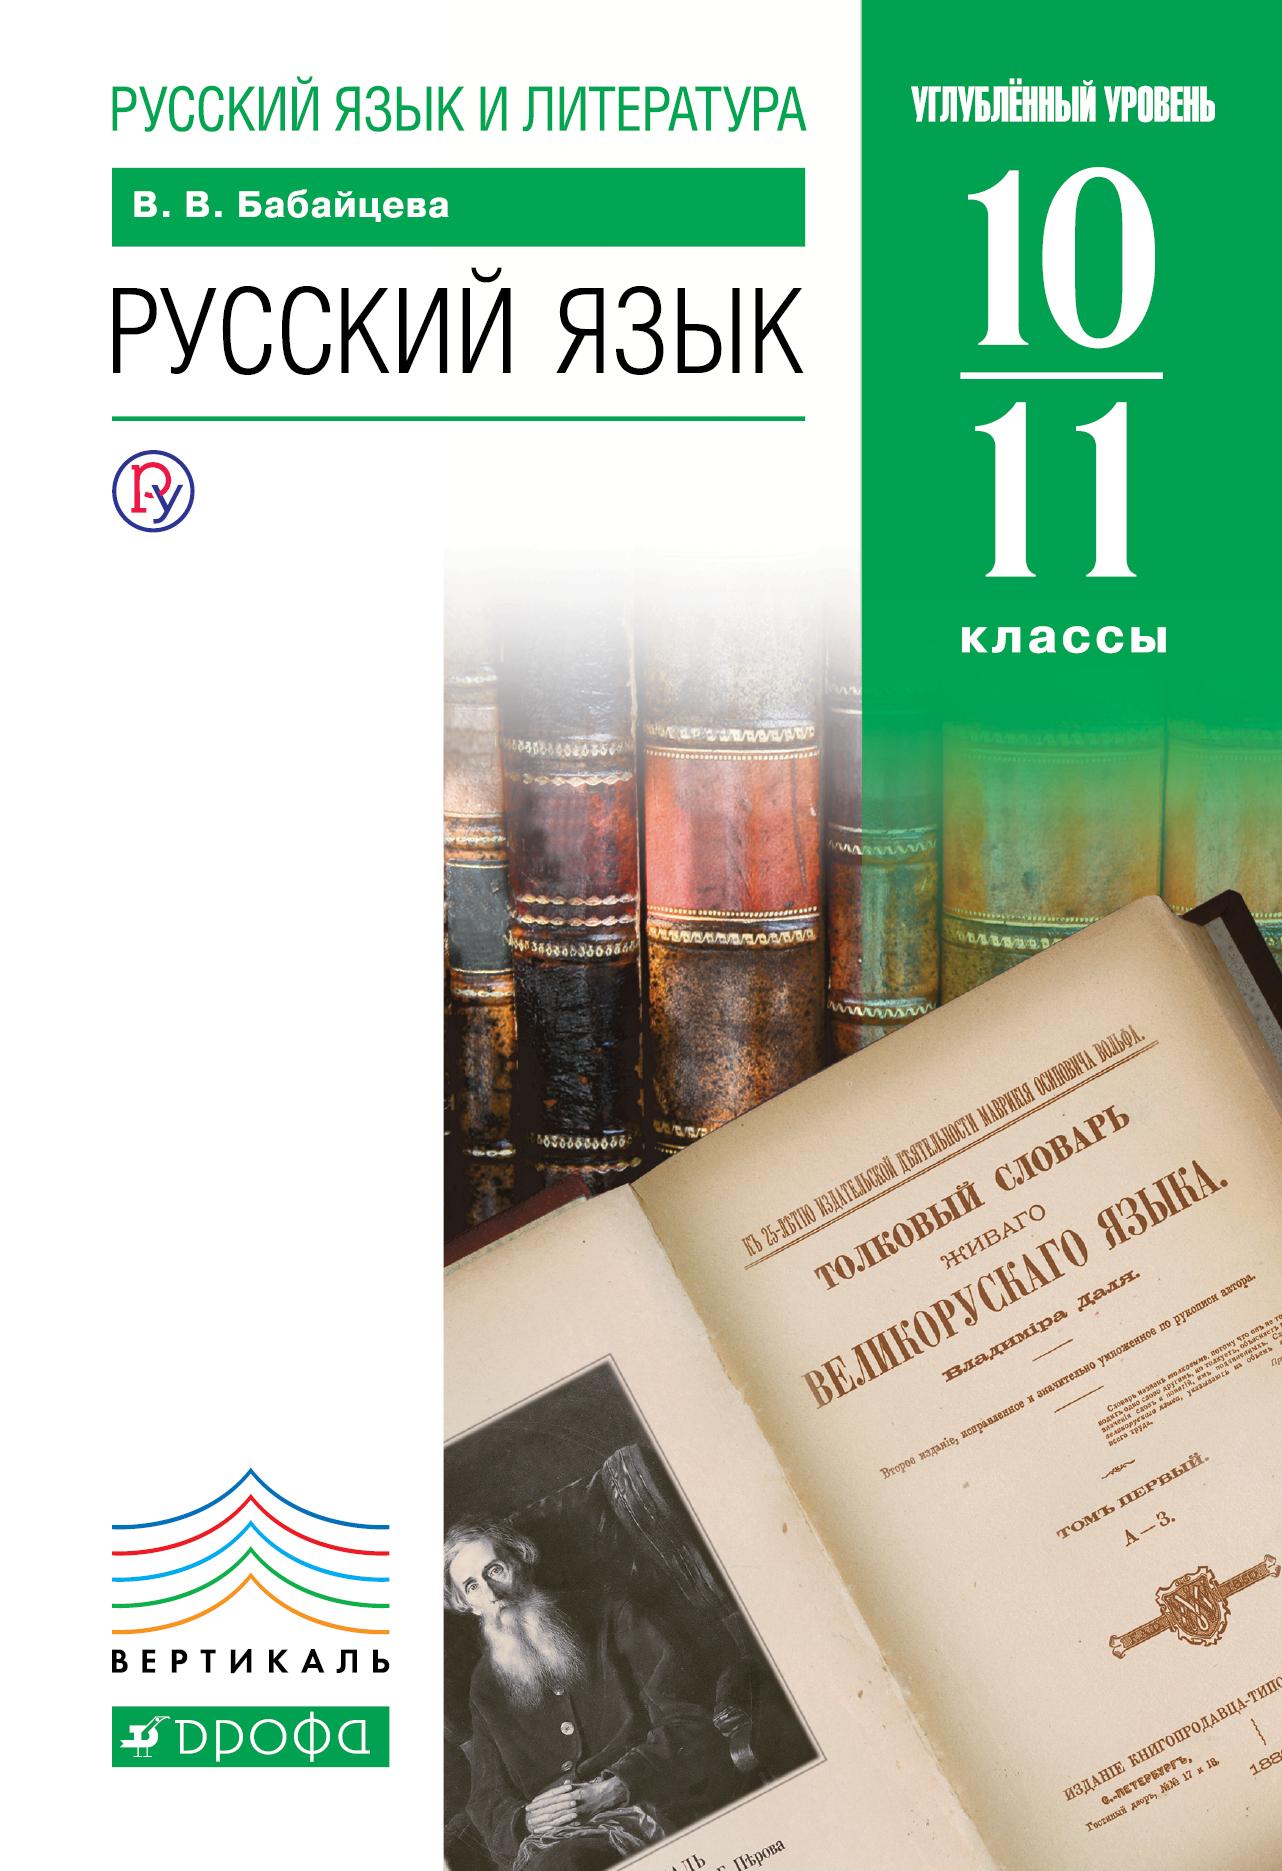 Русский язык. Углубленный уровень. 10-11 класс. Учебник ( Бабайцева В.В.  )